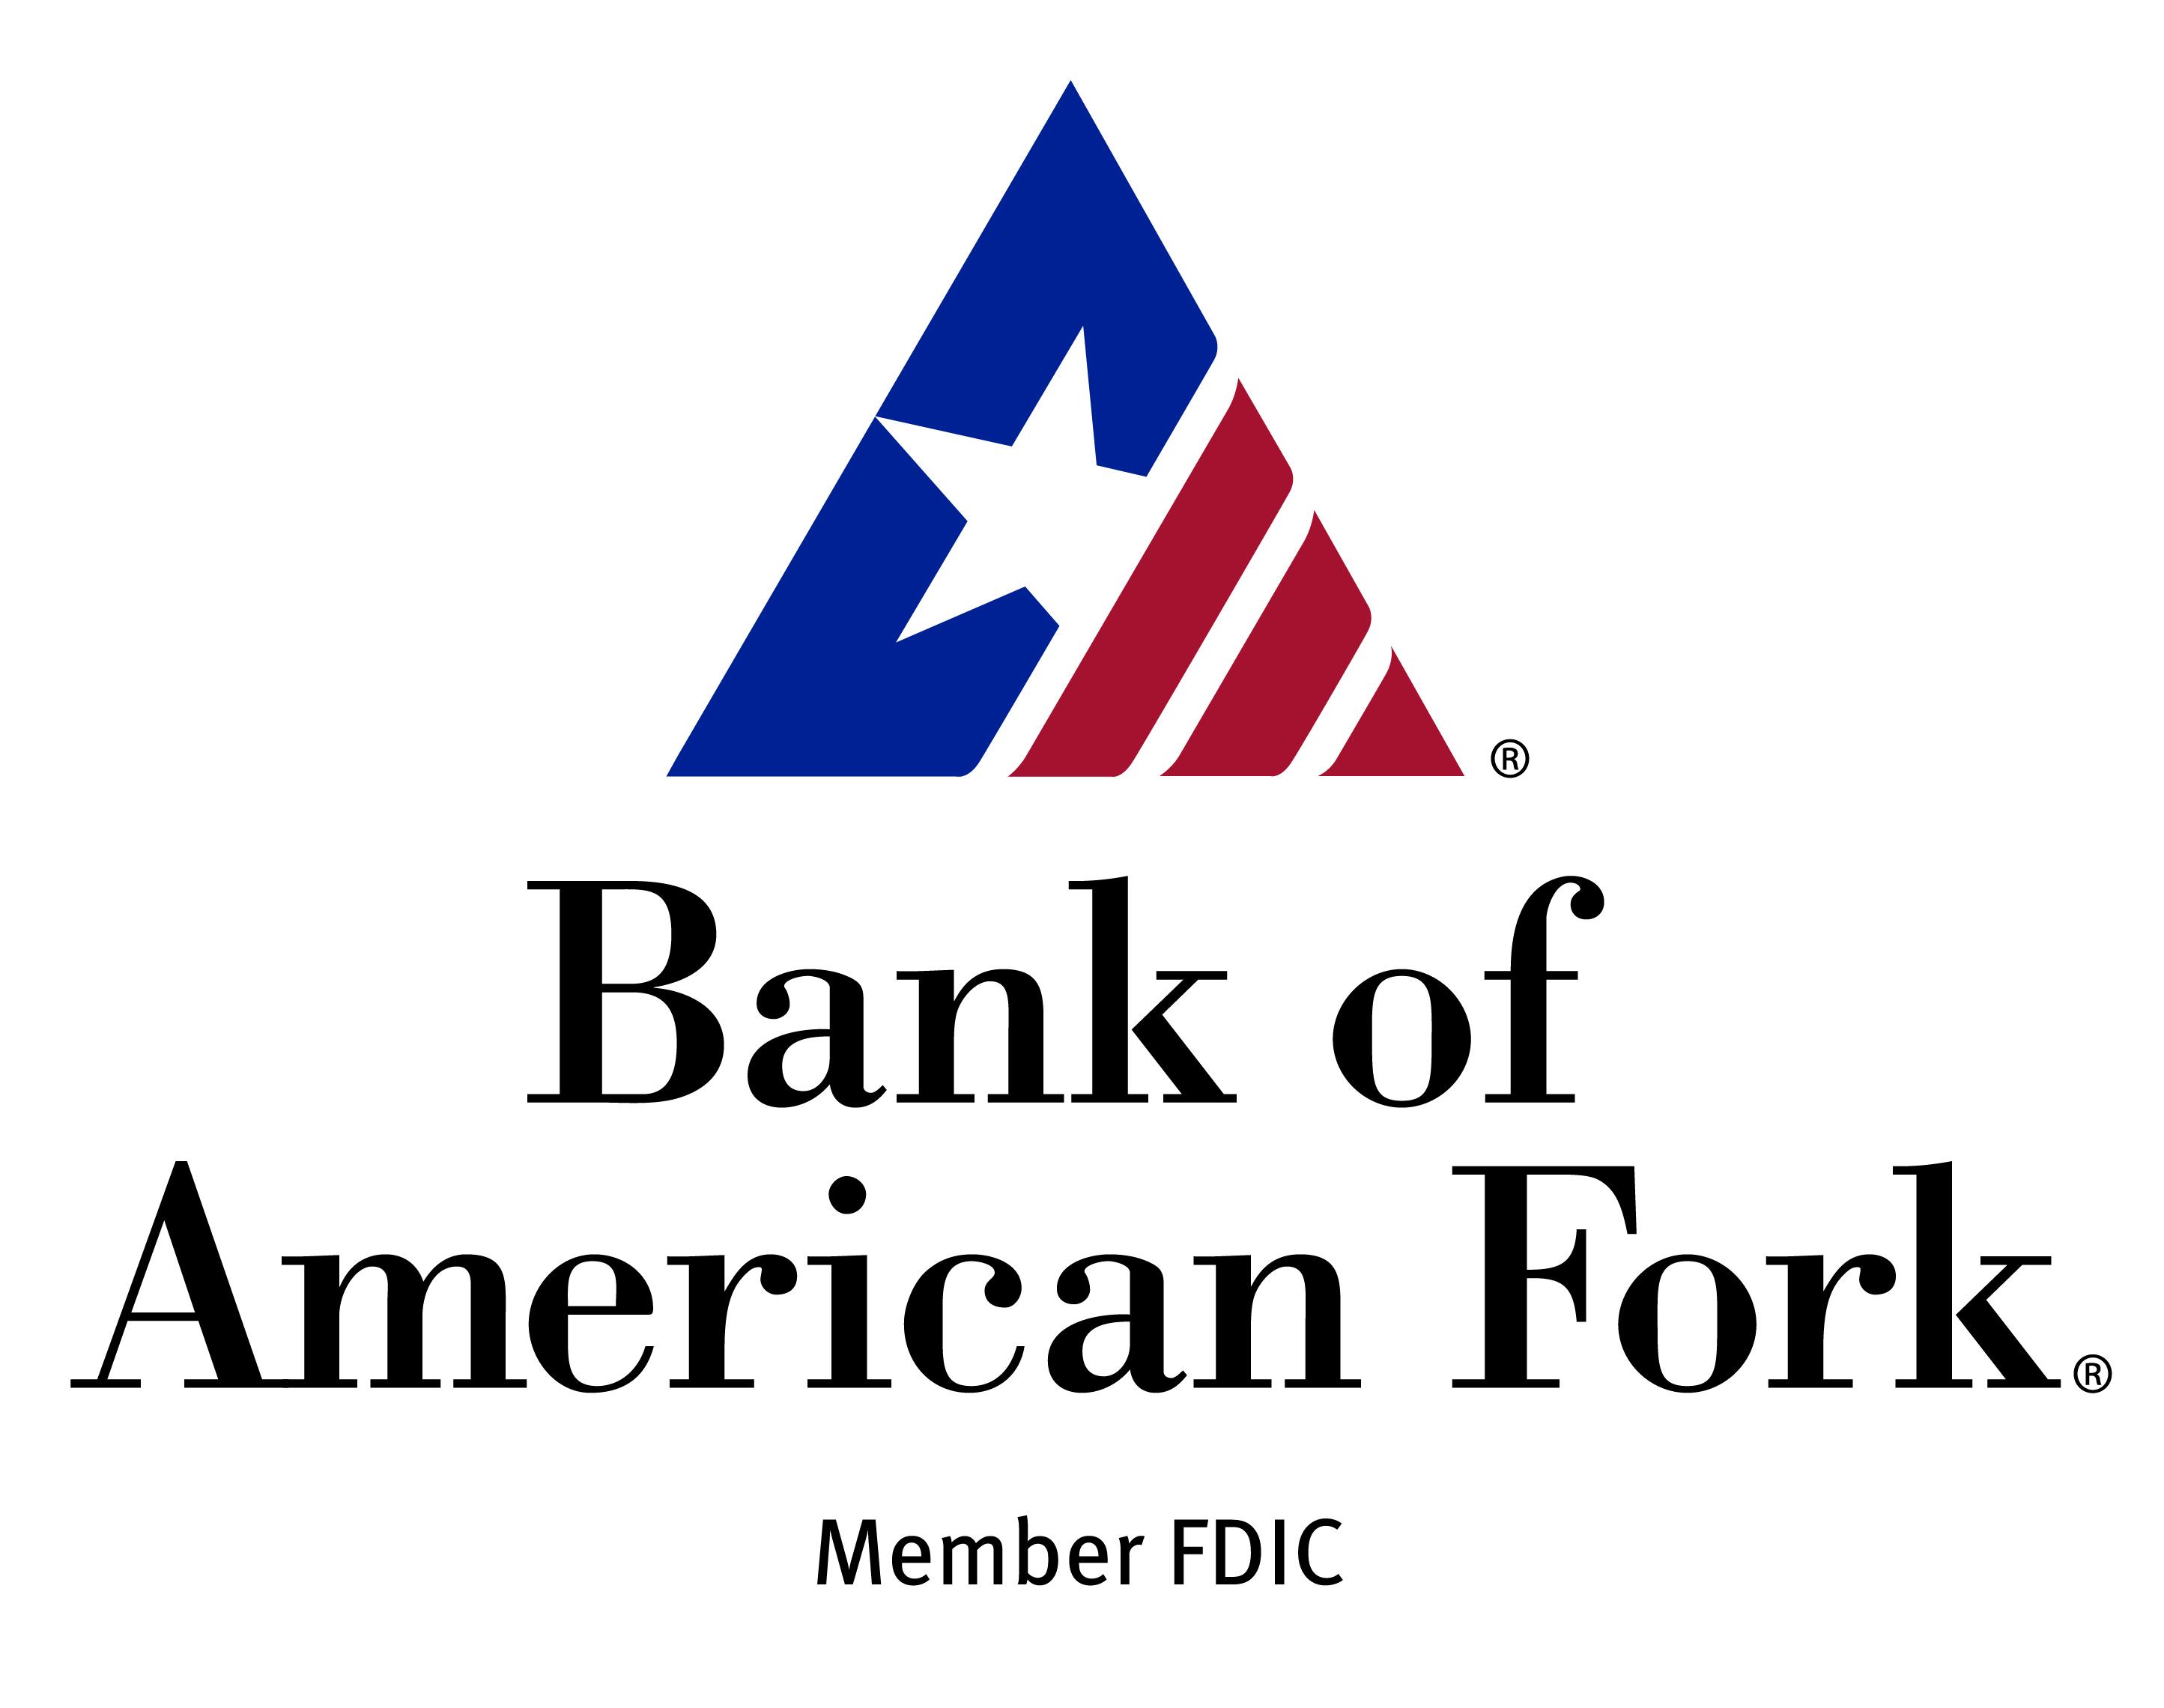 BankAF_Logo-03.jpg